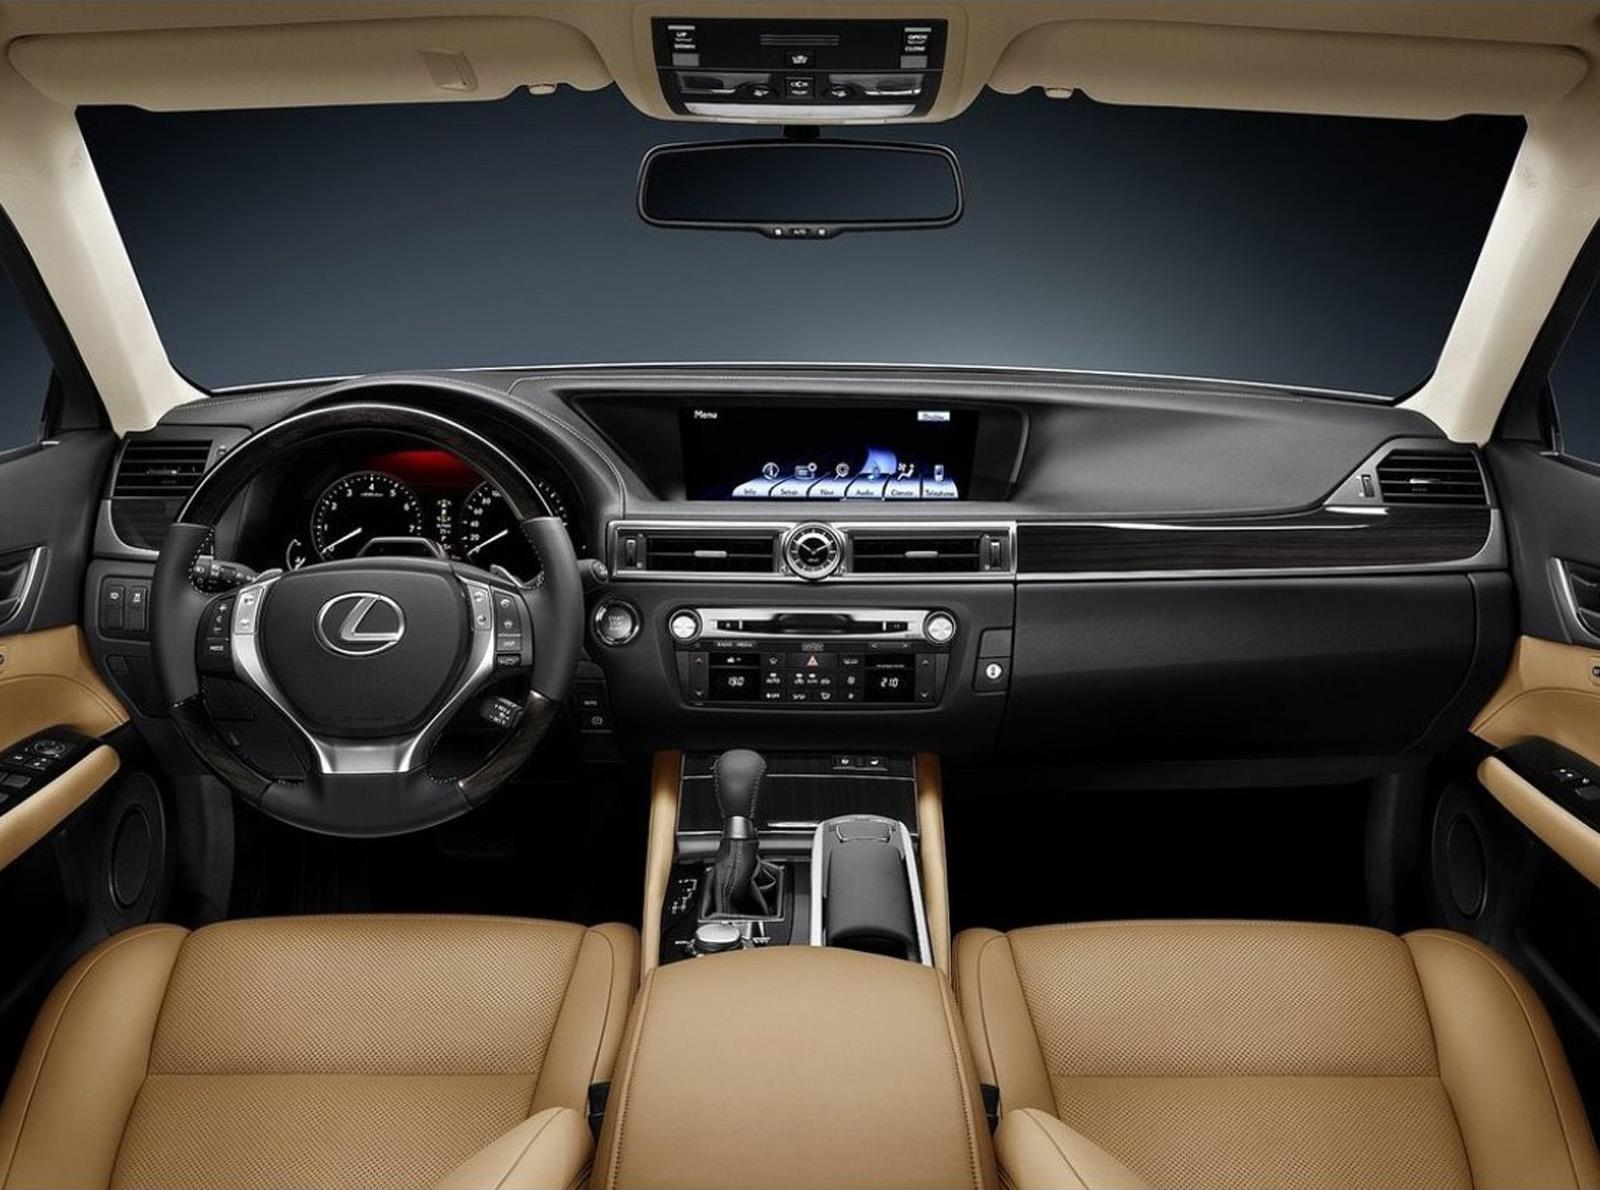 Nancys Car Designs: 2013 Lexus GS 350